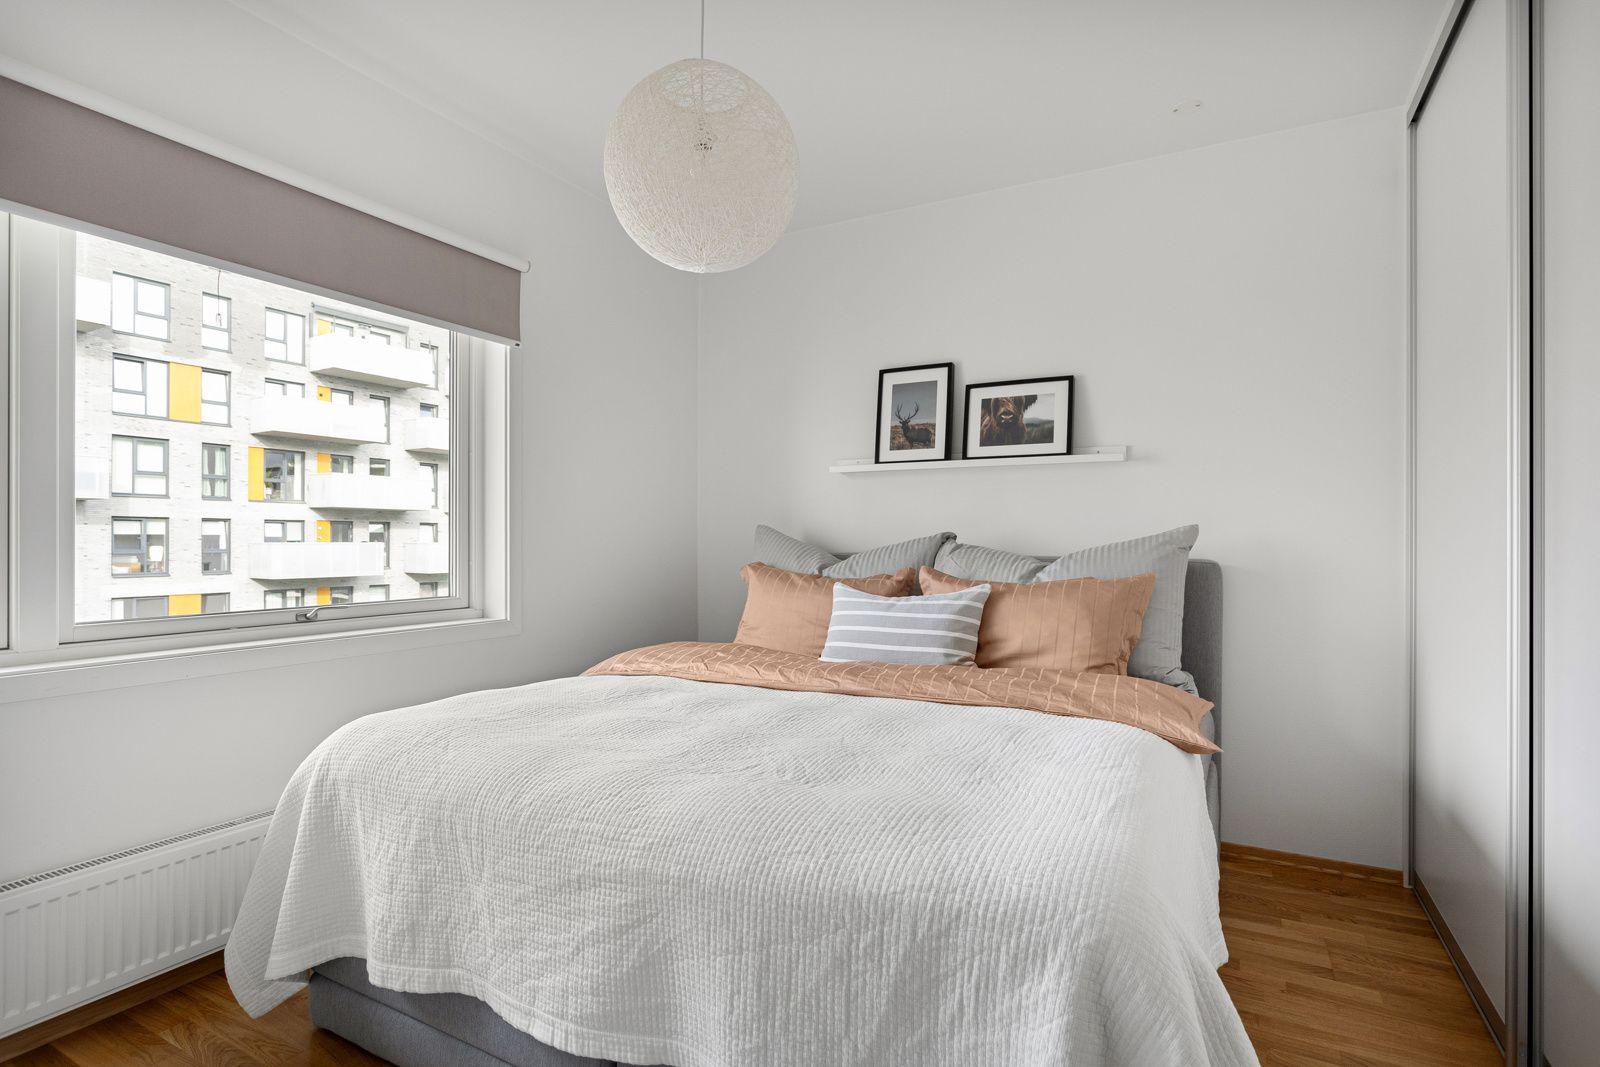 Fernanda Nissens gate 5 B På soverommet har du god plass til en stor dobbeltseng med tilhørende nattbord, samt en kontorpult eller kommoder.